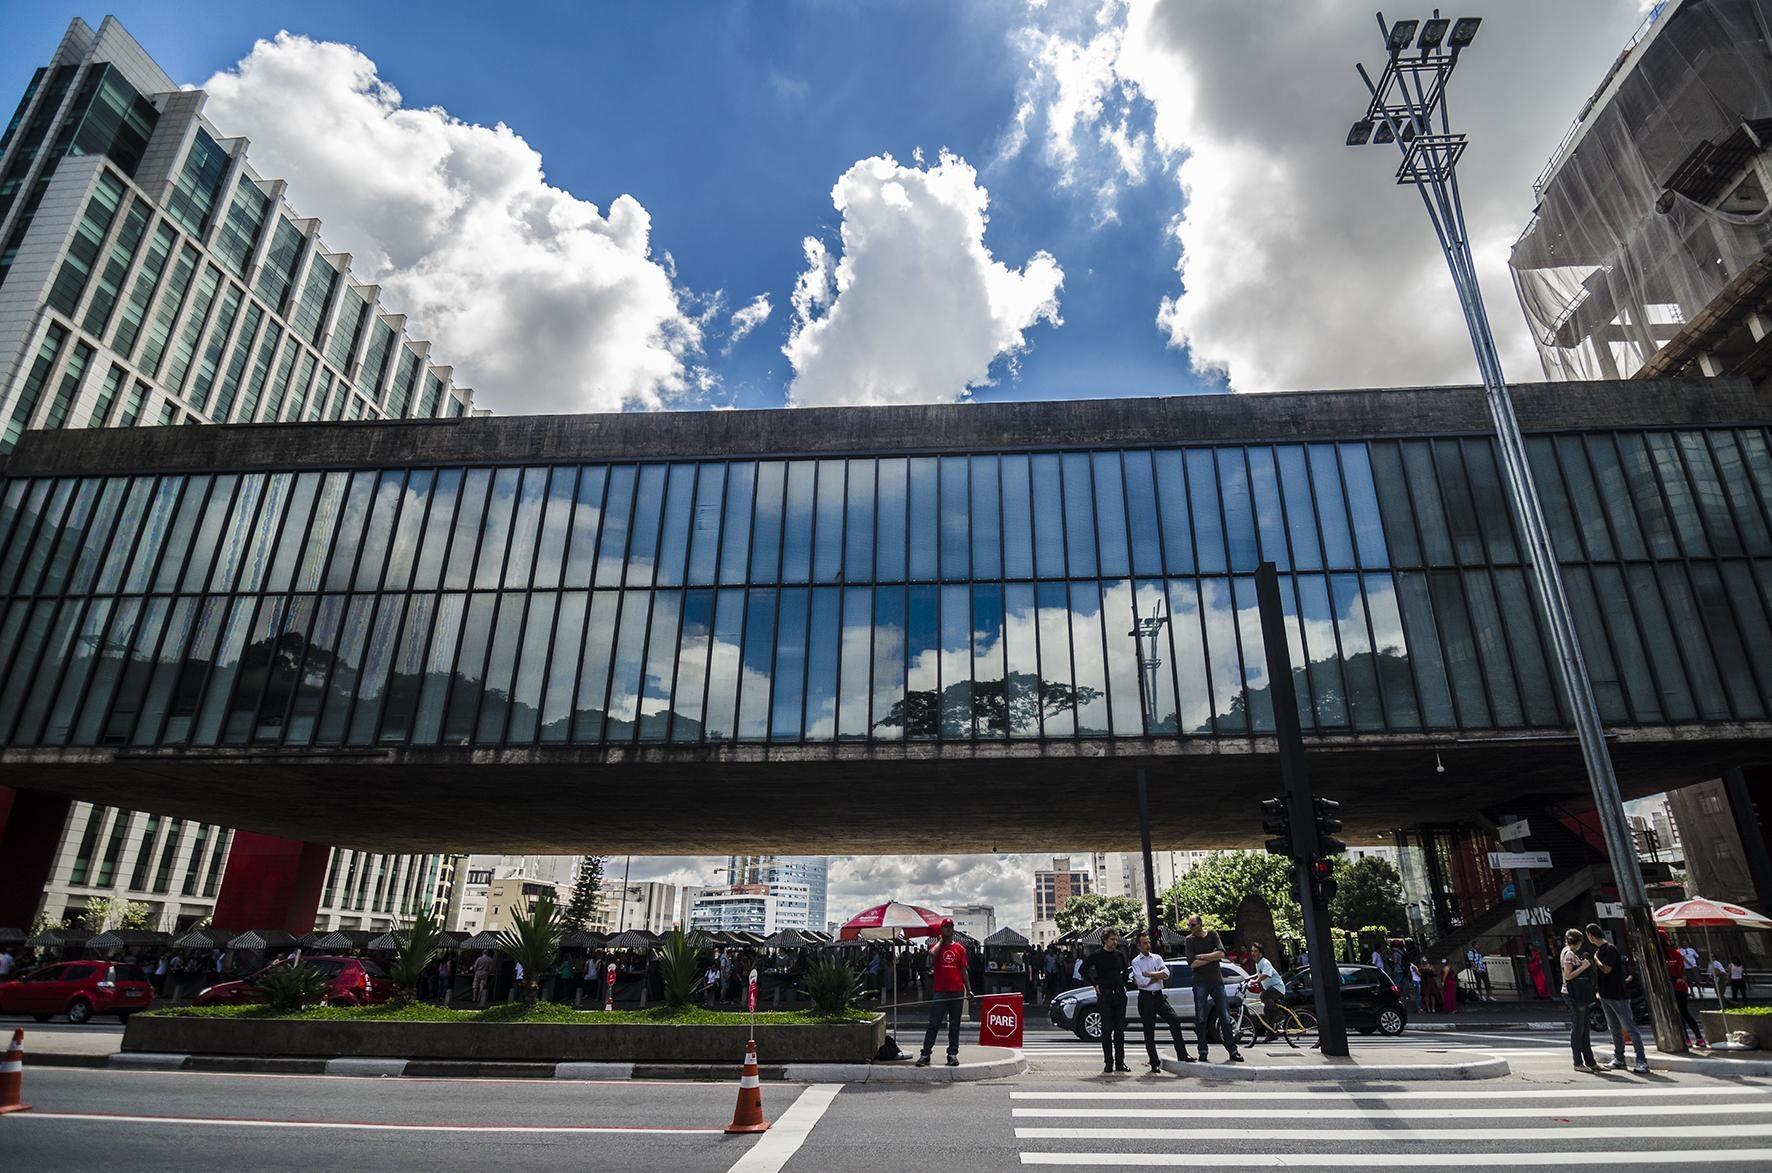 موزه هنر سائو پائولو